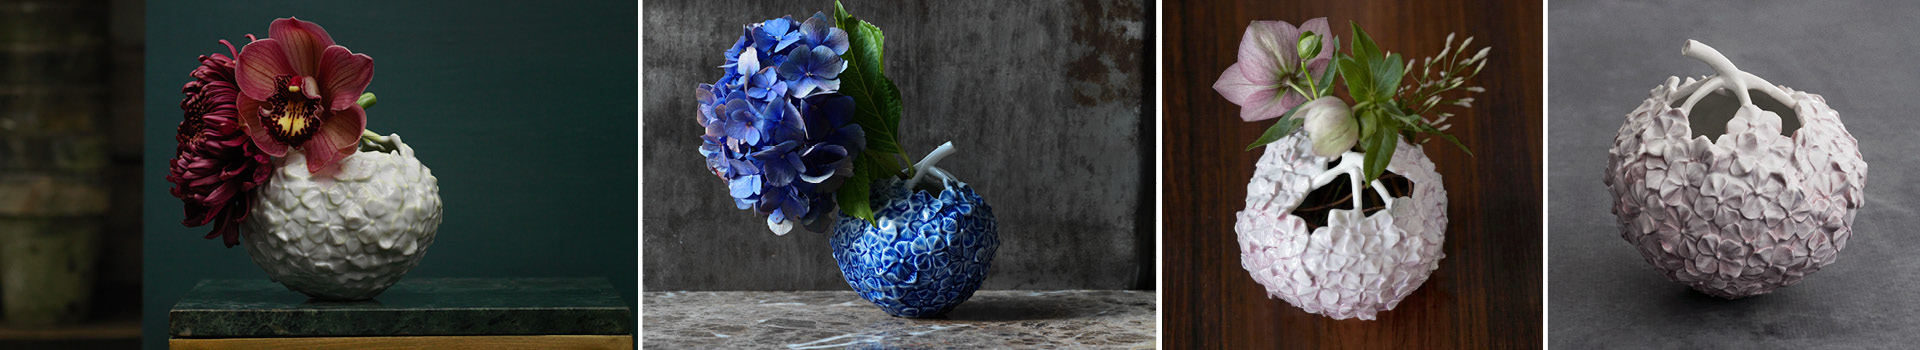 Art-of-giving-vaser-Royal-Copenhagen-d.jpg